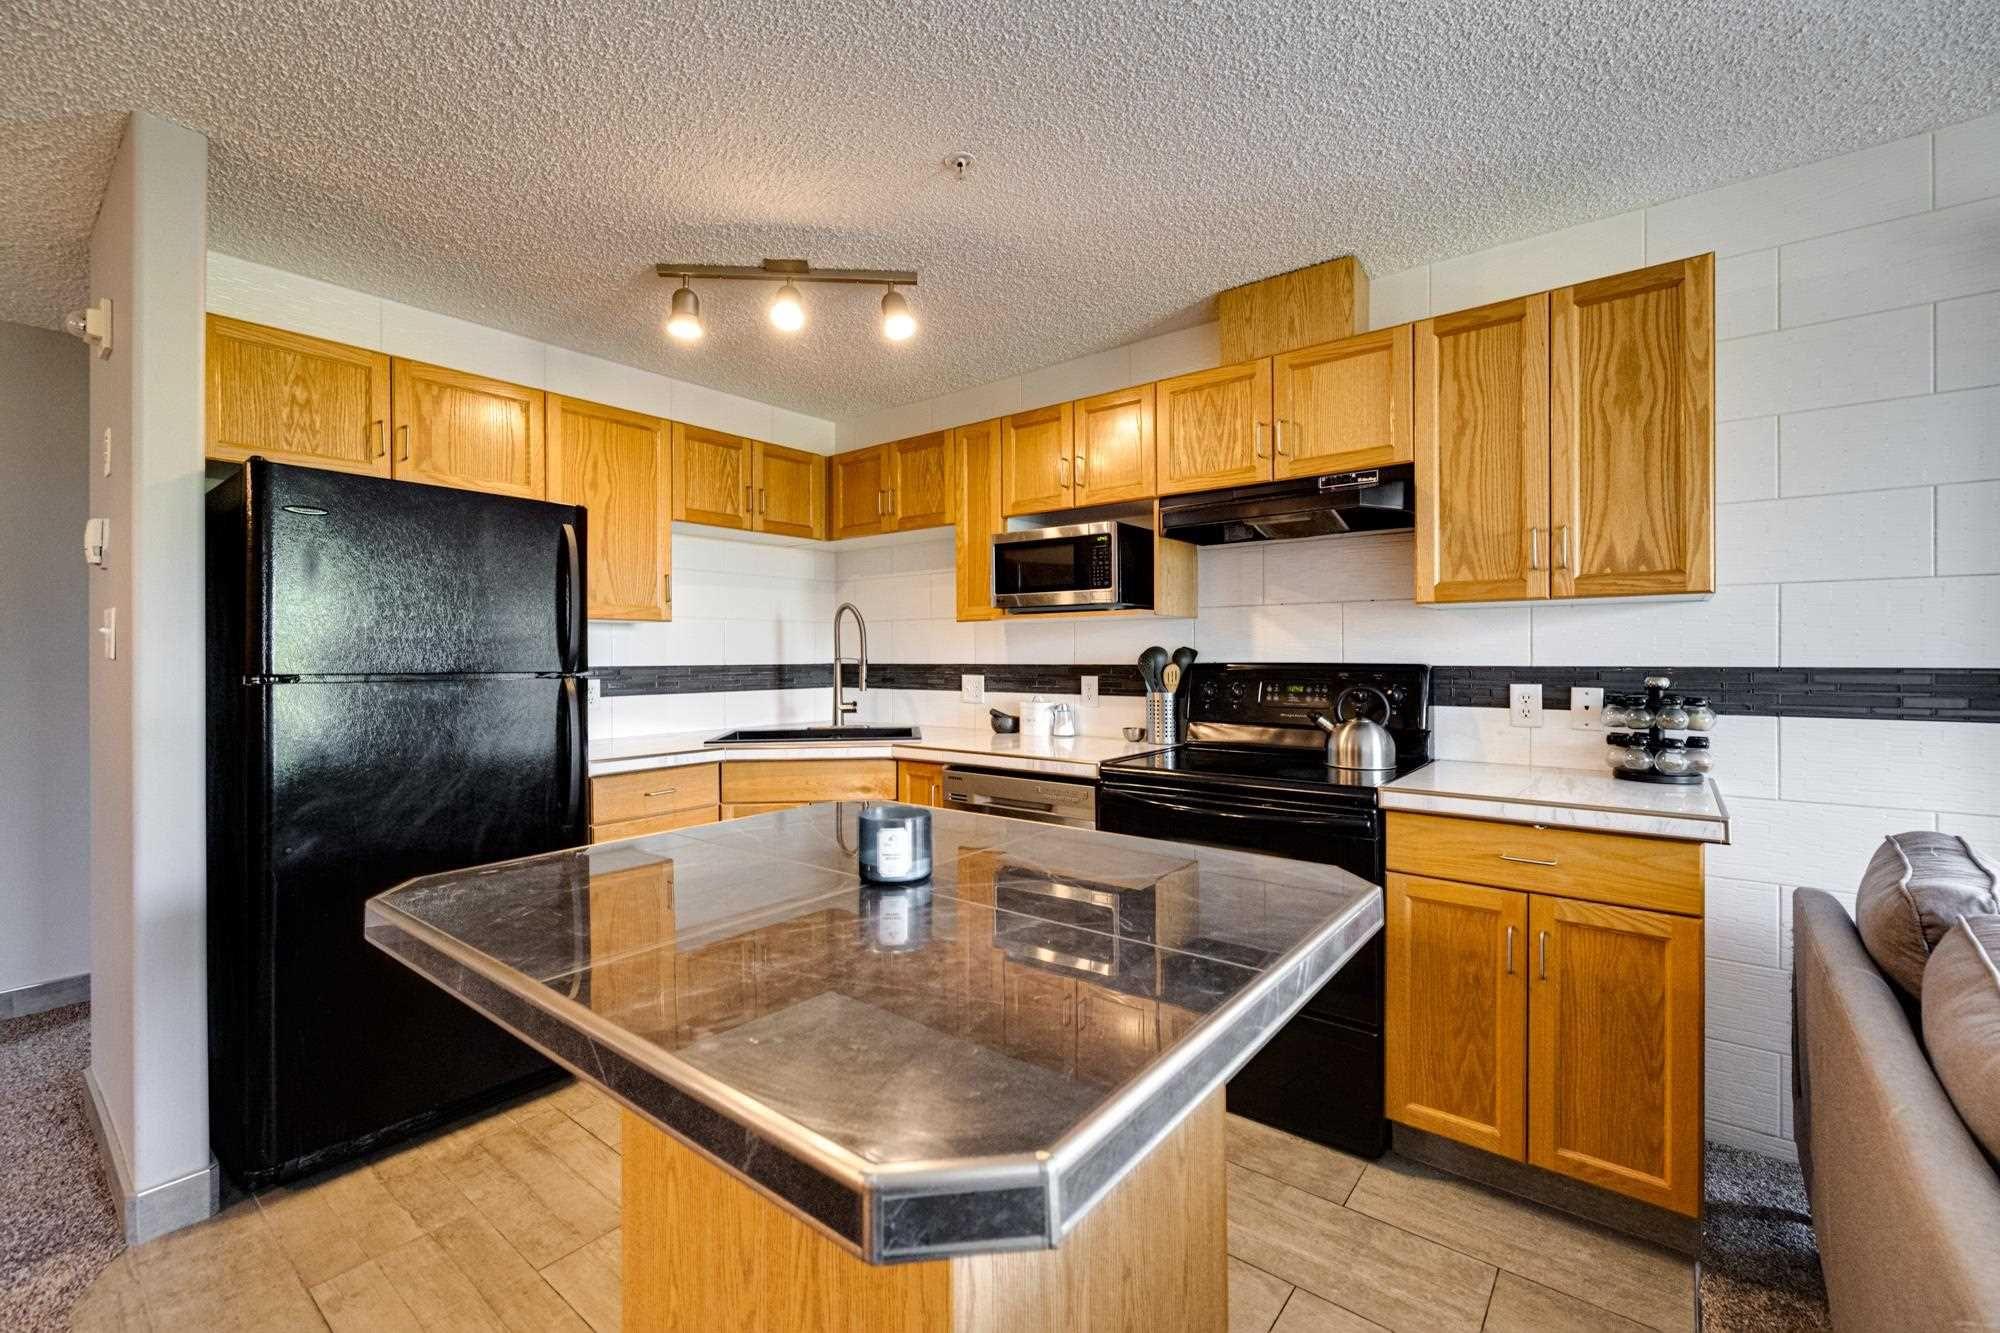 Main Photo: 425 11325 83 Street in Edmonton: Zone 05 Condo for sale : MLS®# E4247636